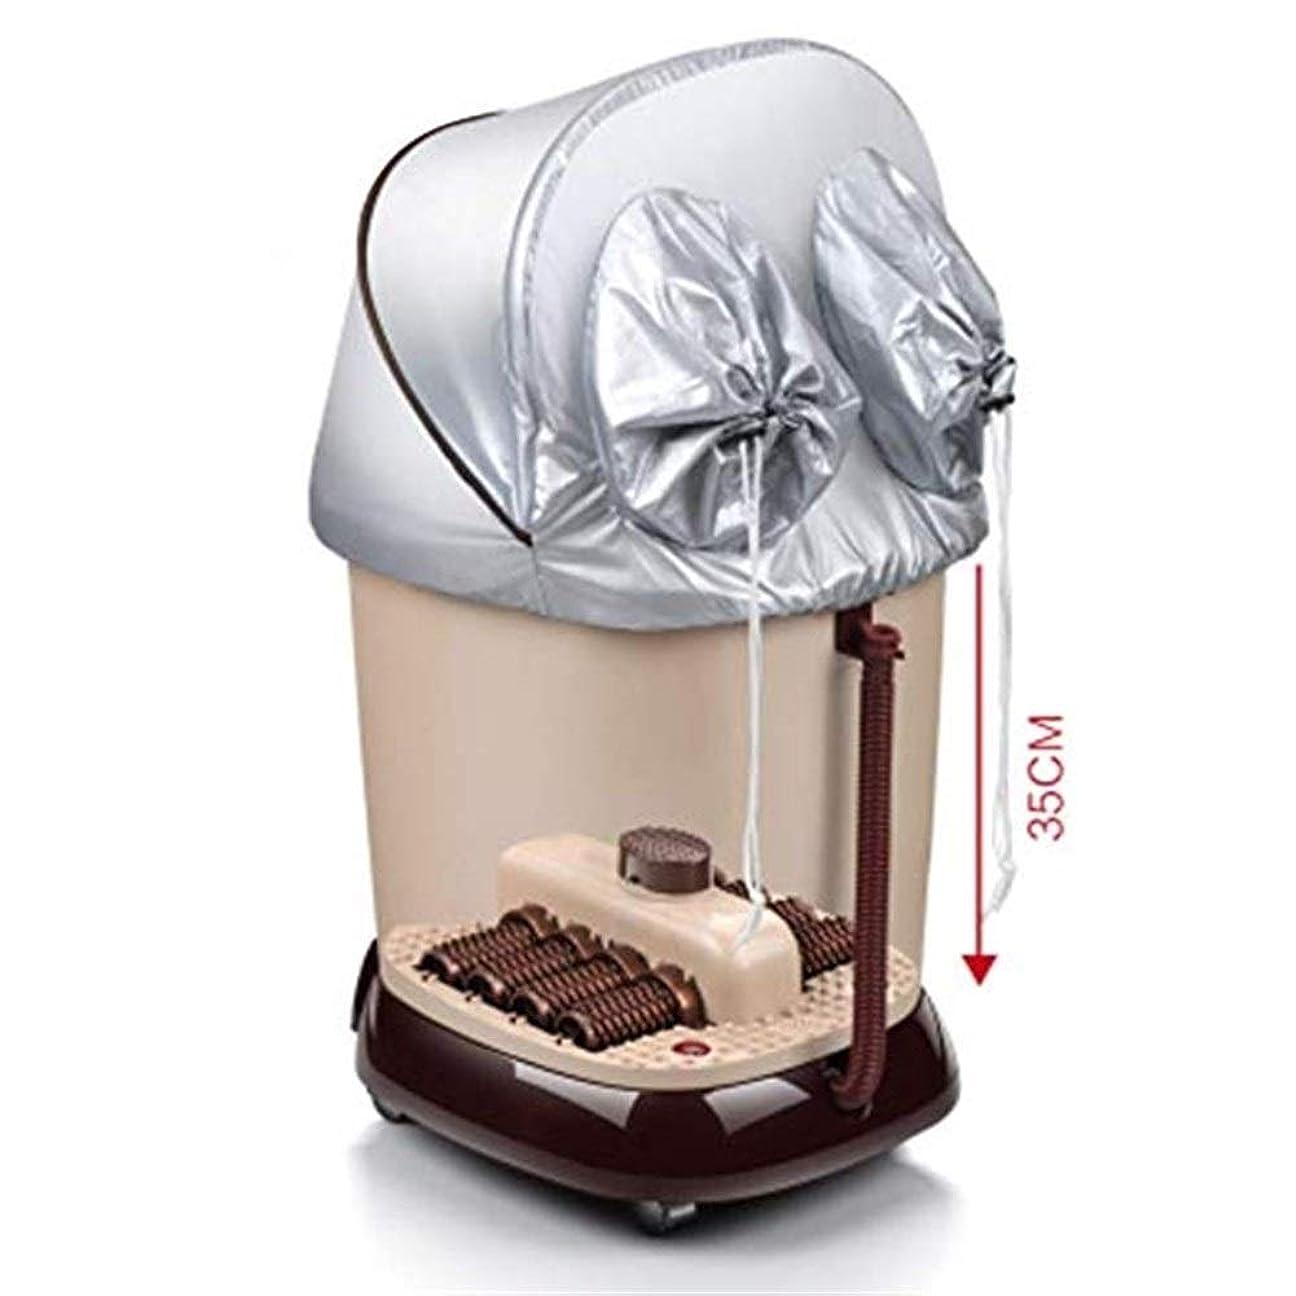 自分の力ですべてをする原稿キリンWYNZYYX 自動マッサージフットスパ、電動ローラーFu蒸薬ボックス赤外線緩和温度調節可能な46x39x65cm